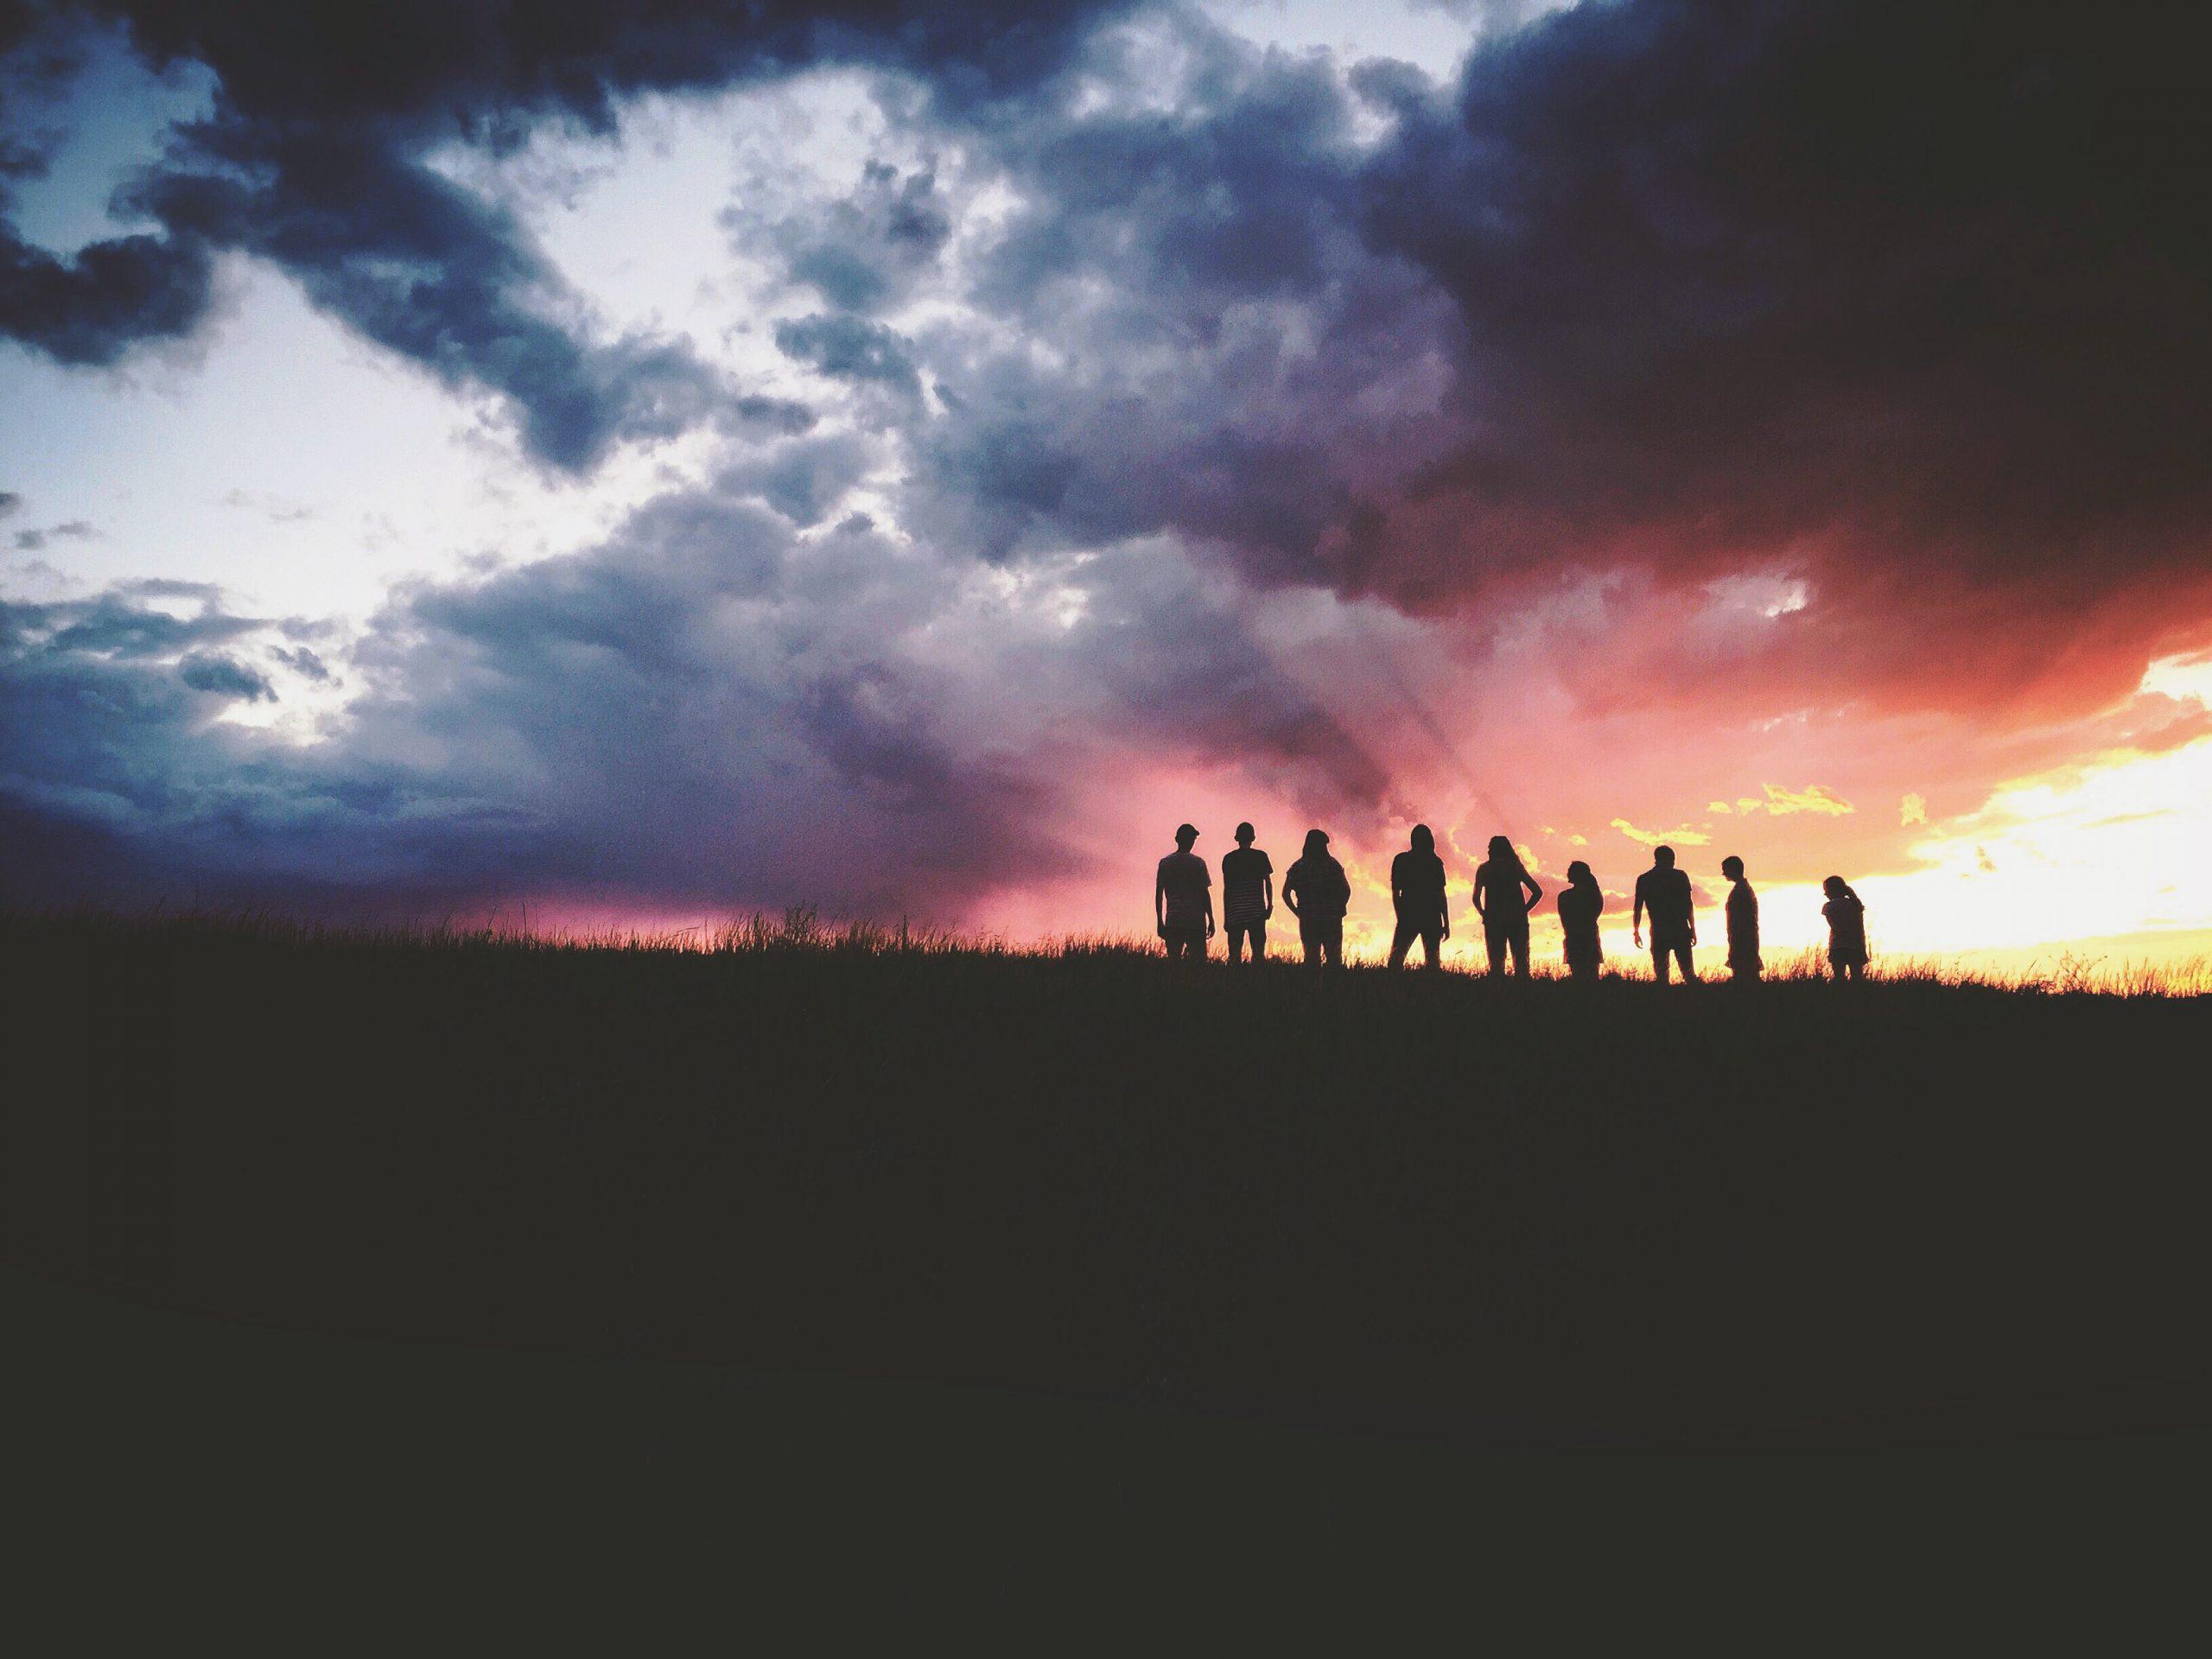 かっこいい夕日をバックに並ぶ写真